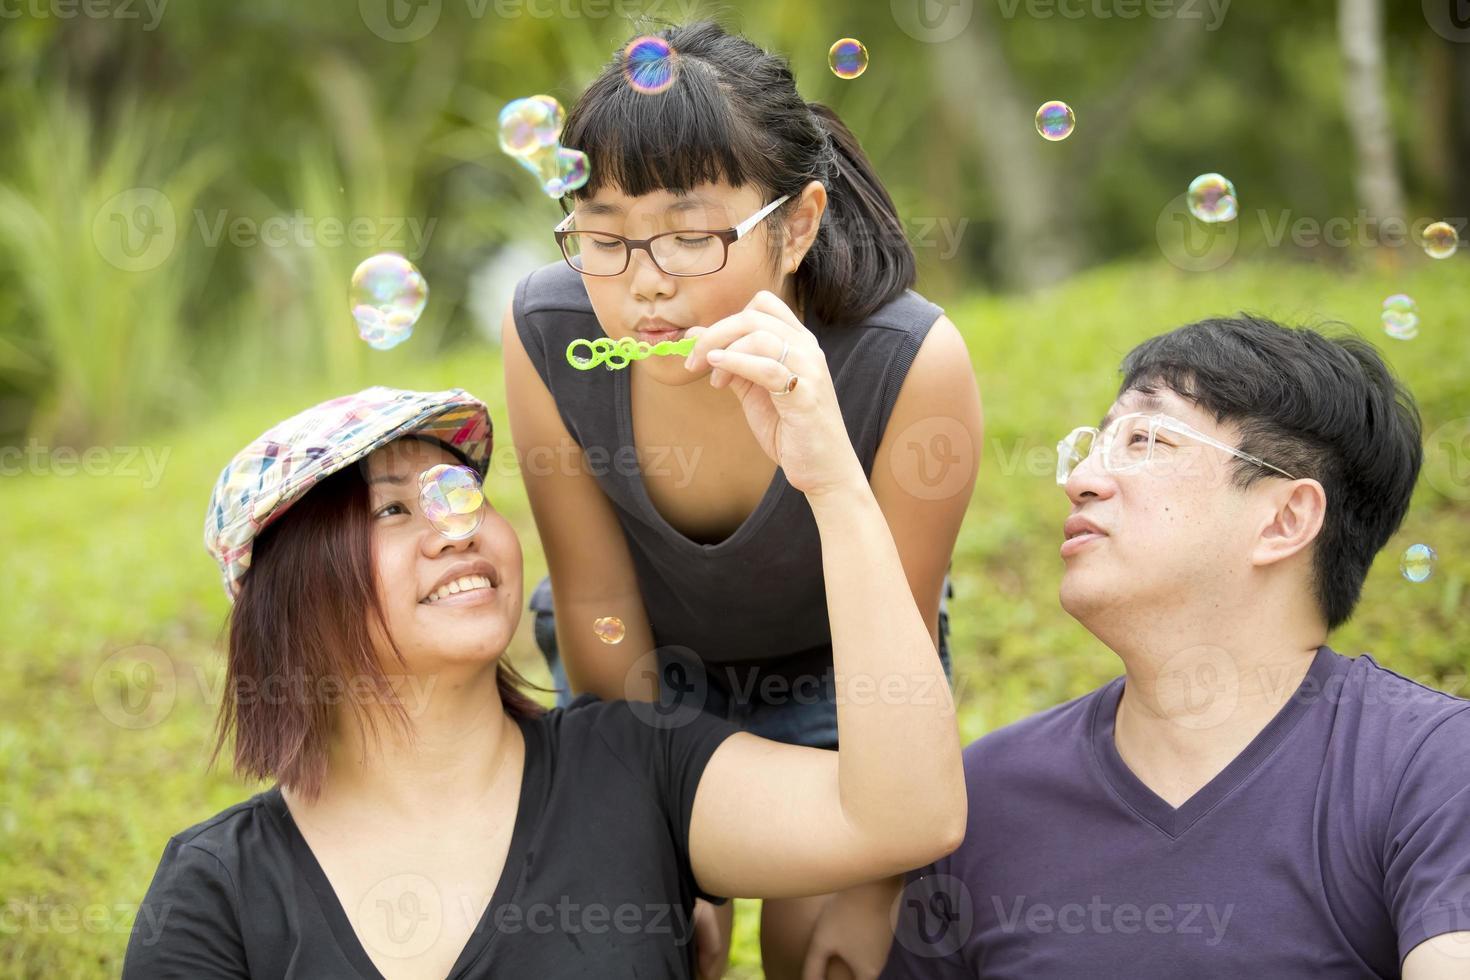 jeune fille asiatique jouant des bulles dans le parc bonding photo